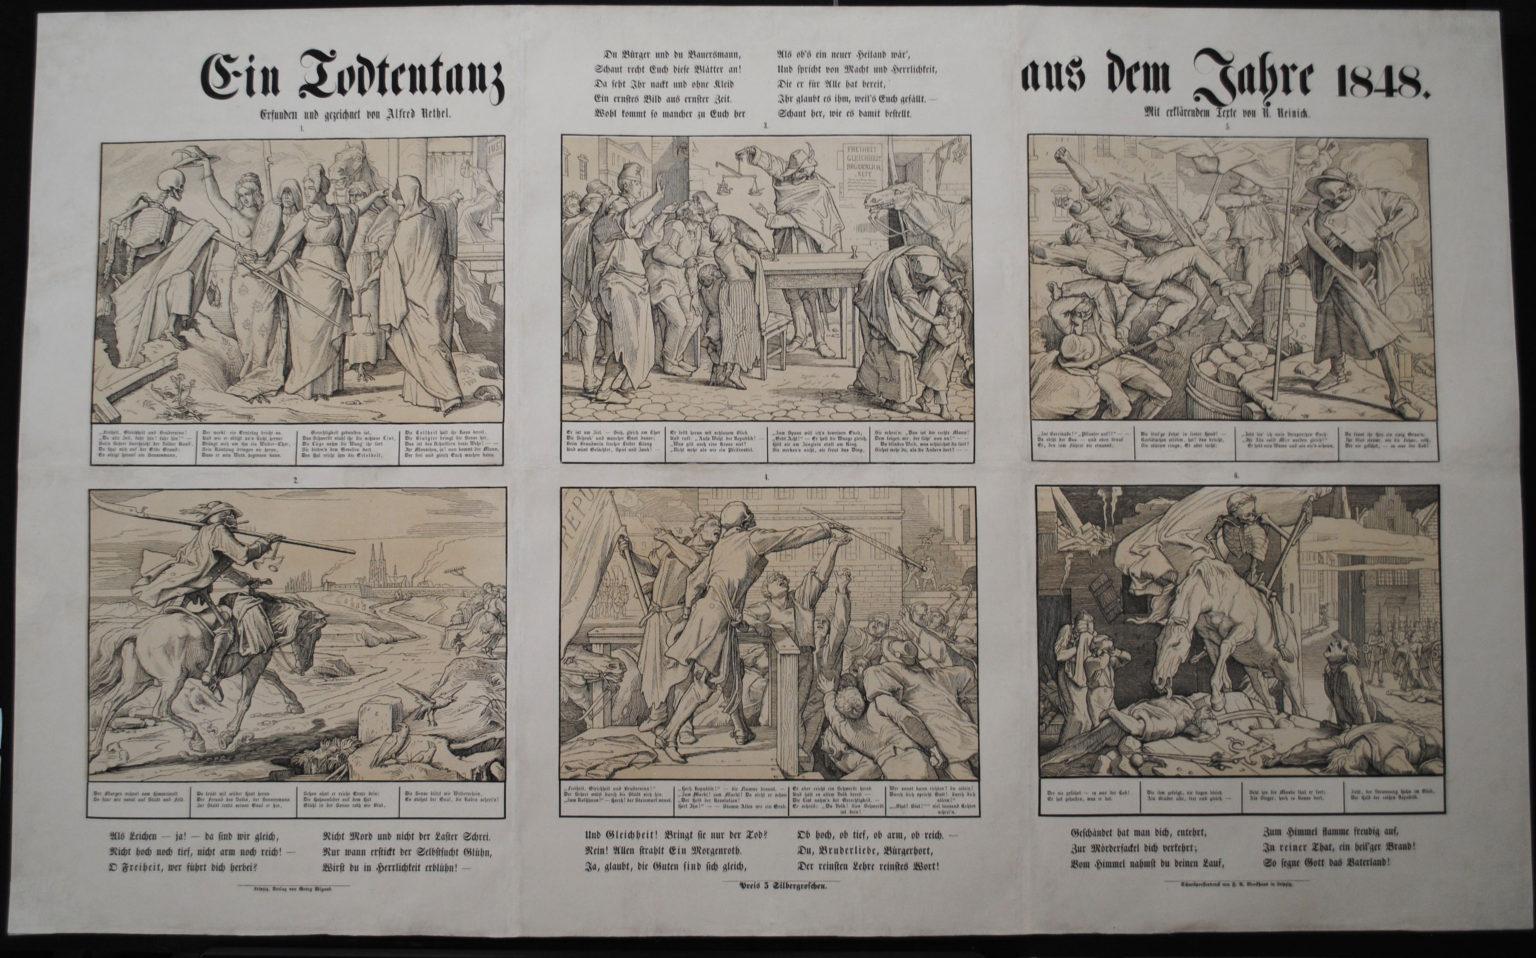 Alfred_Rethel Mai 1849 Ein Todtentanz aus dem Jahre 1848